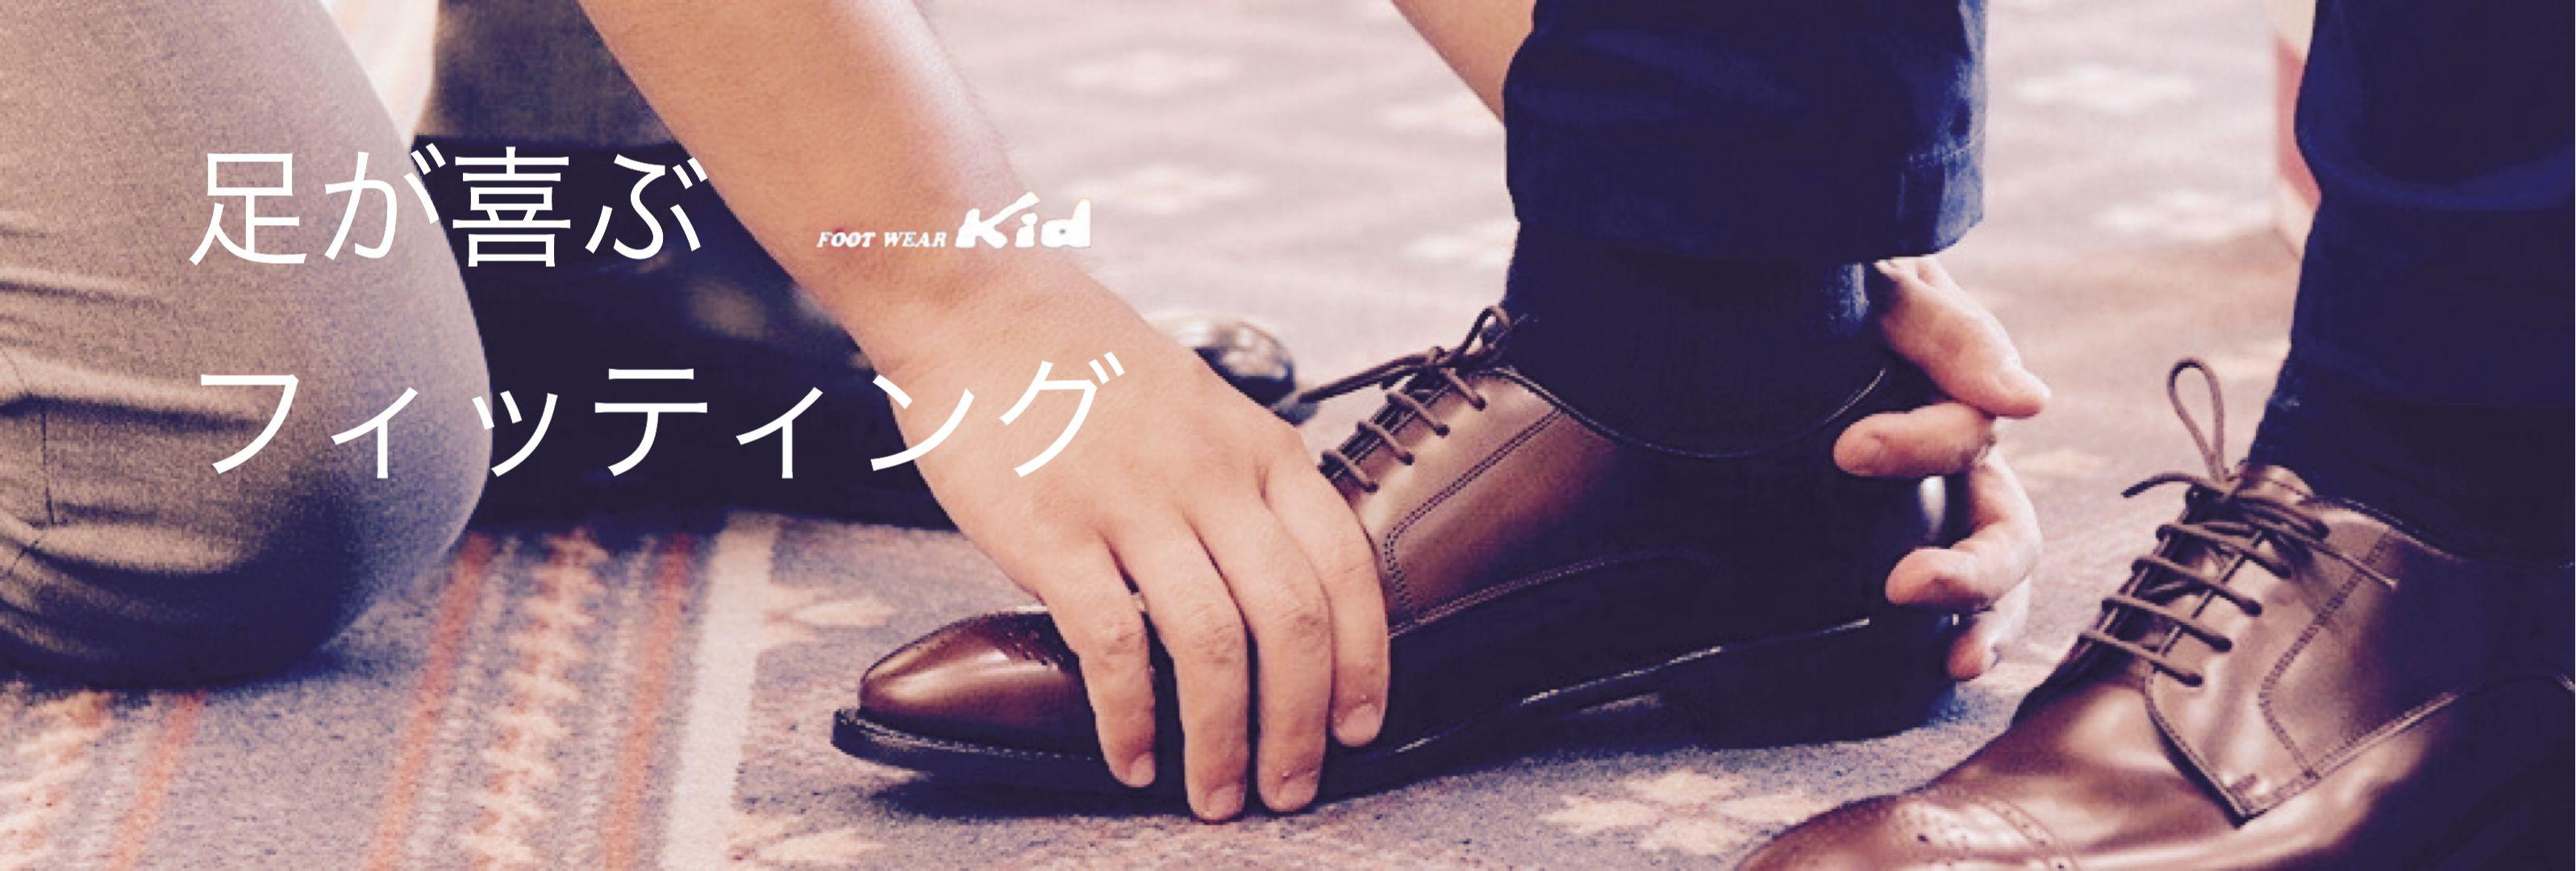 Kid-キット-オンラインストア[新潟県長岡市]